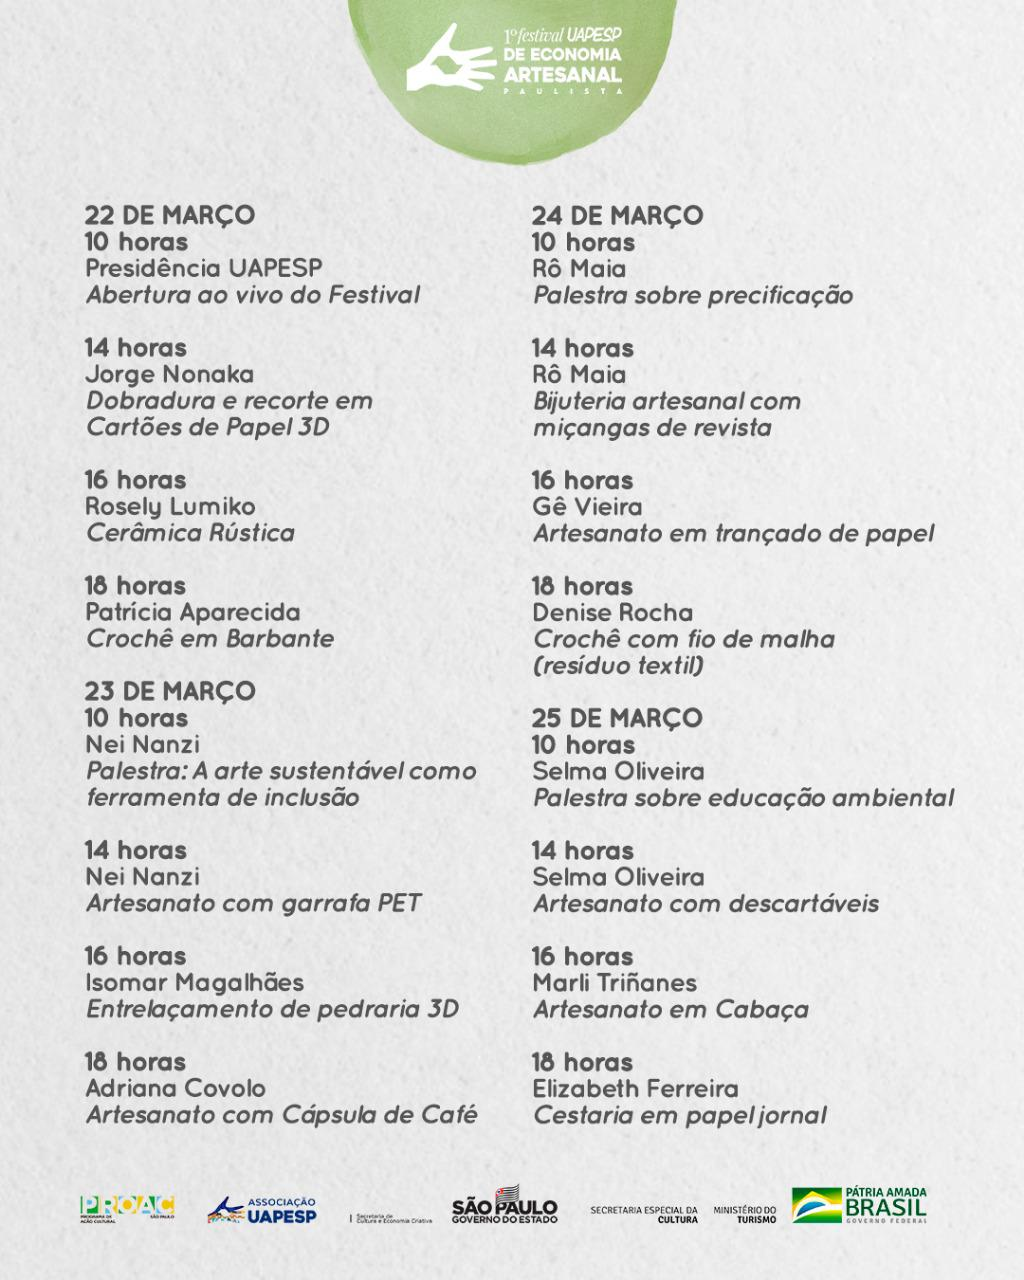 festival de economia artesanal paulista 1 1